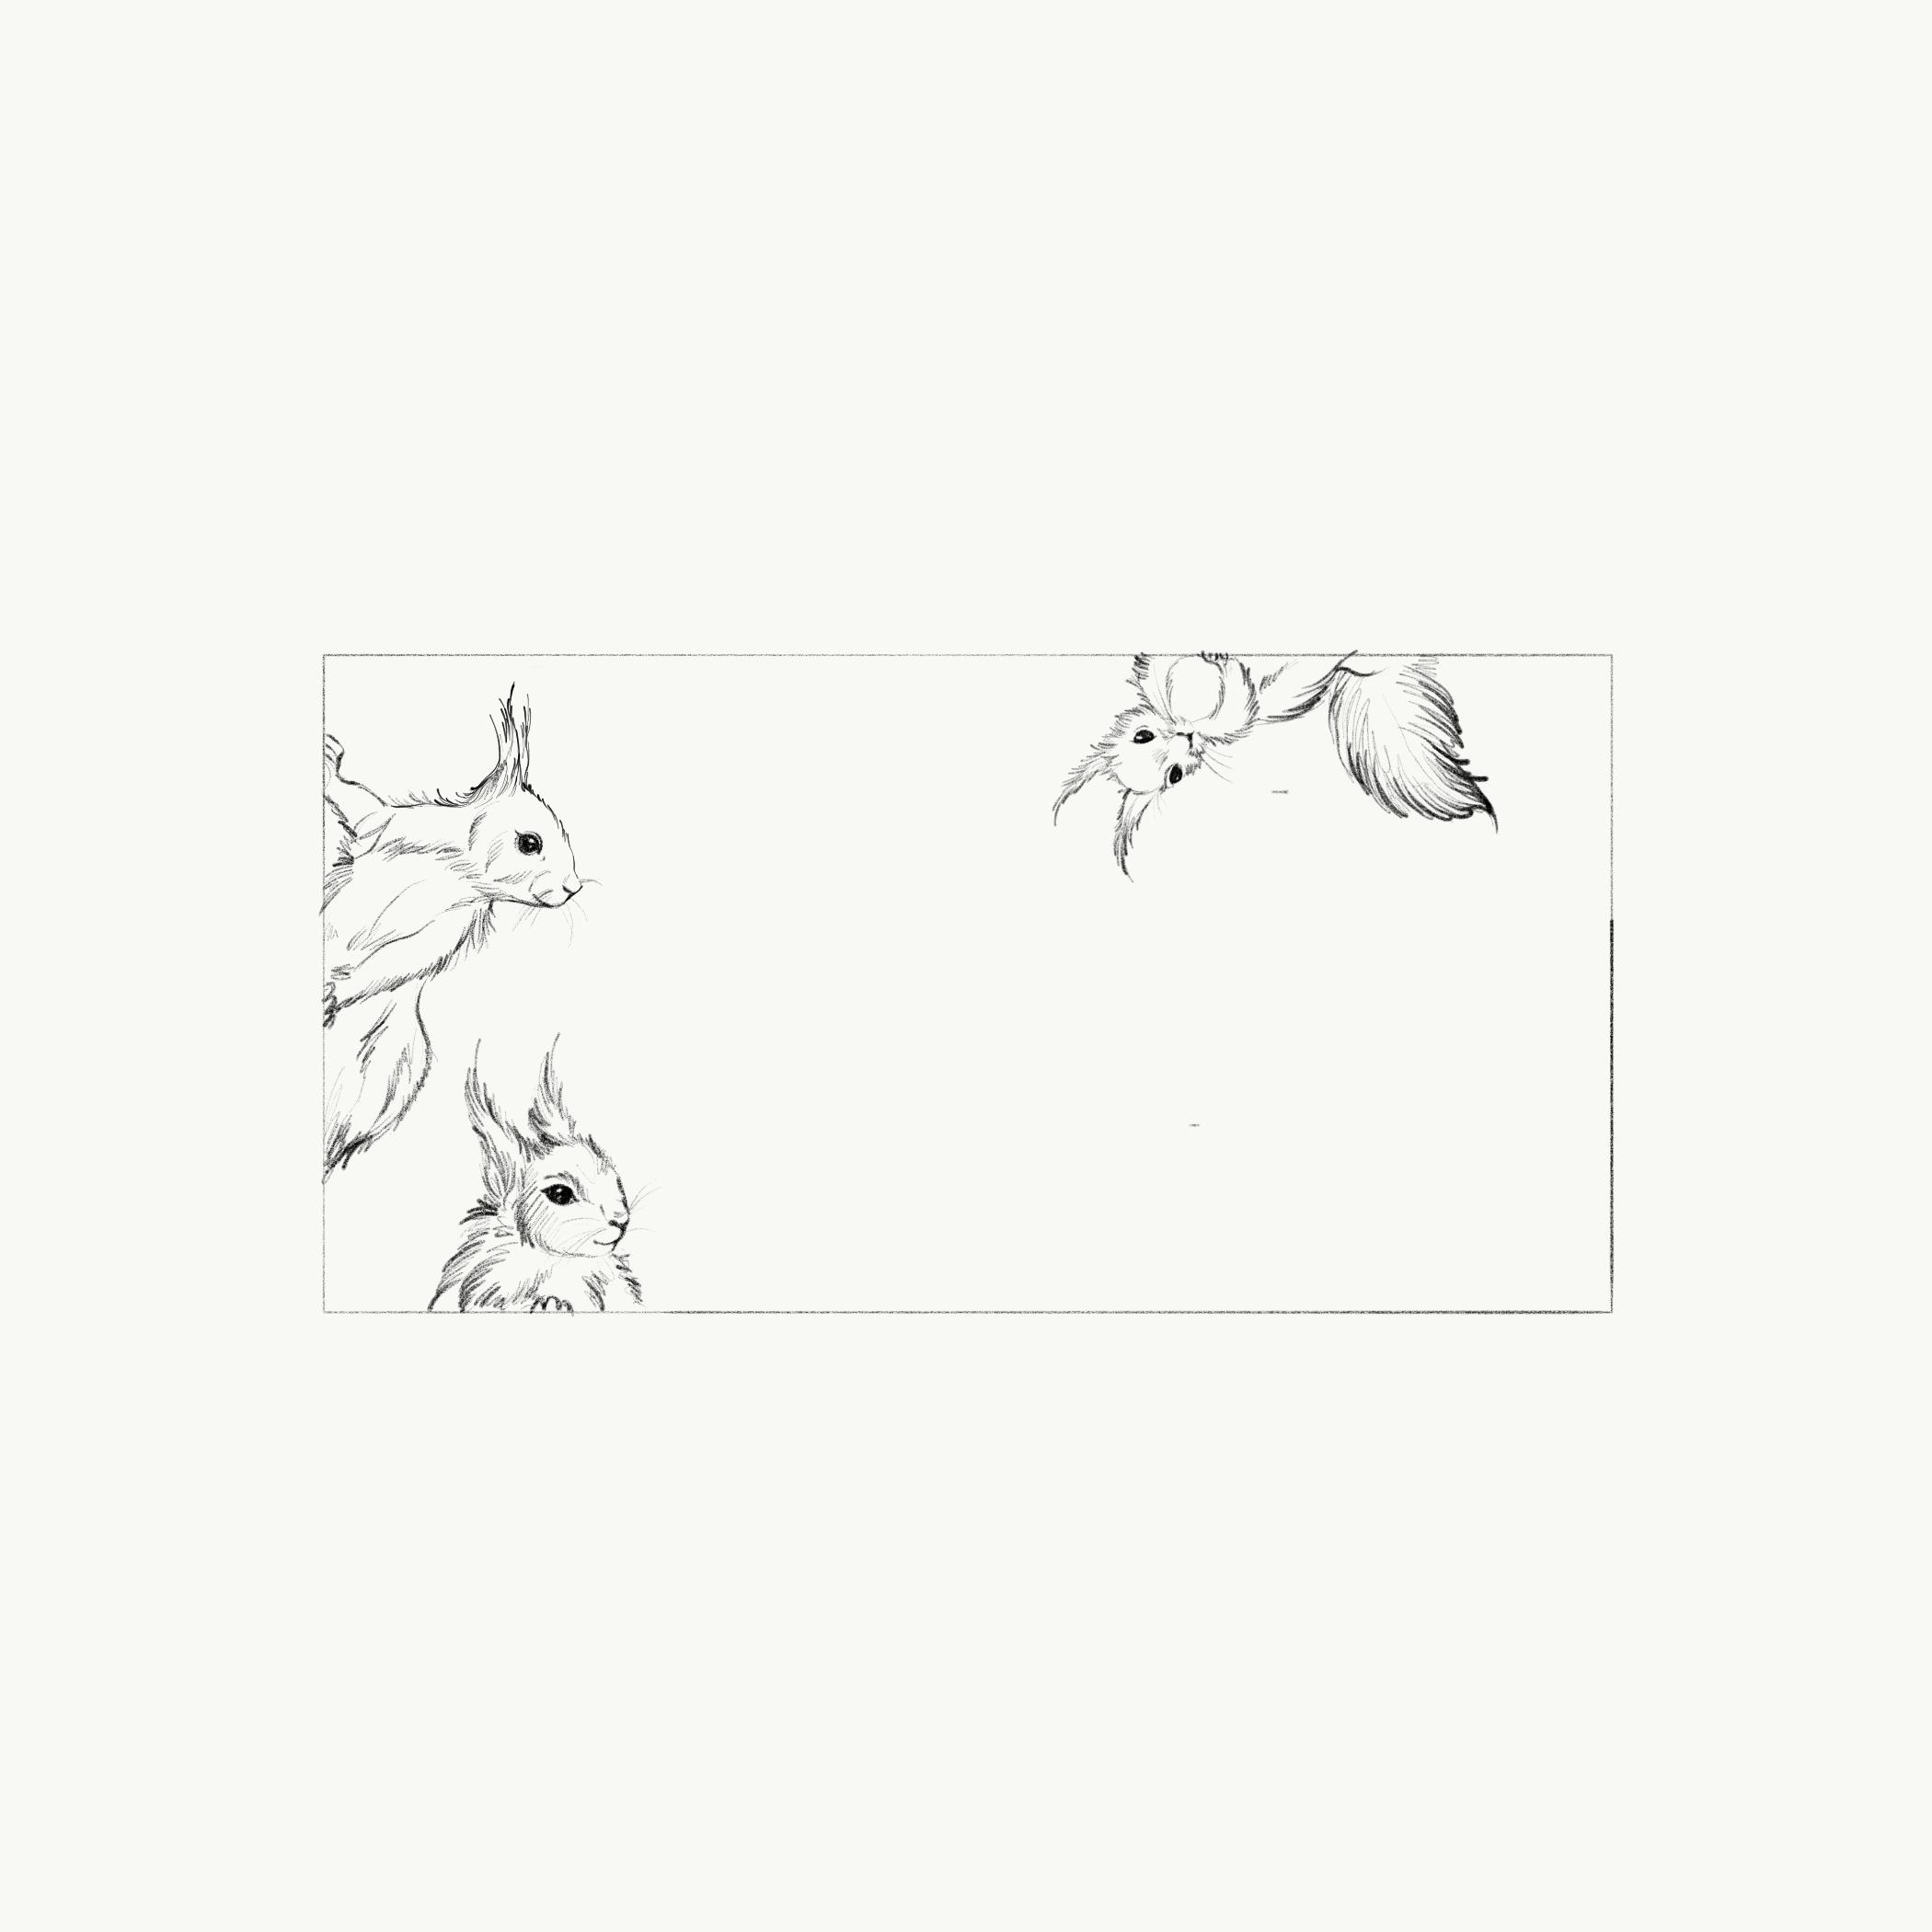 Конкурс на создание макета визиток сообщества мам (белочки). фото f_23859b243d9b79e4.png